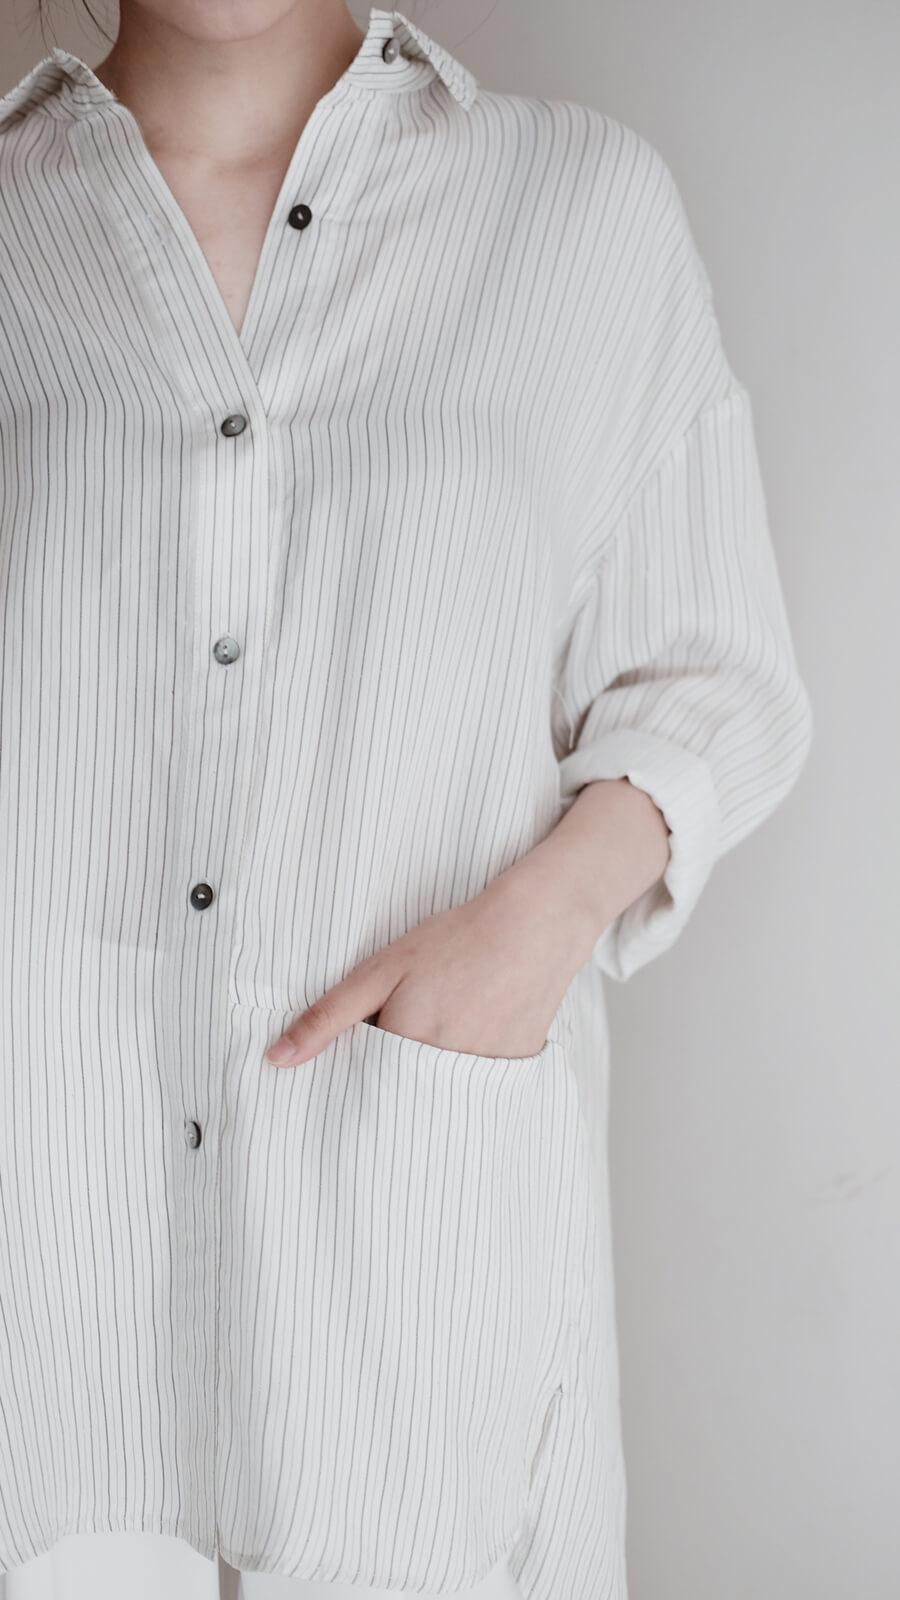 DC直條襯衫